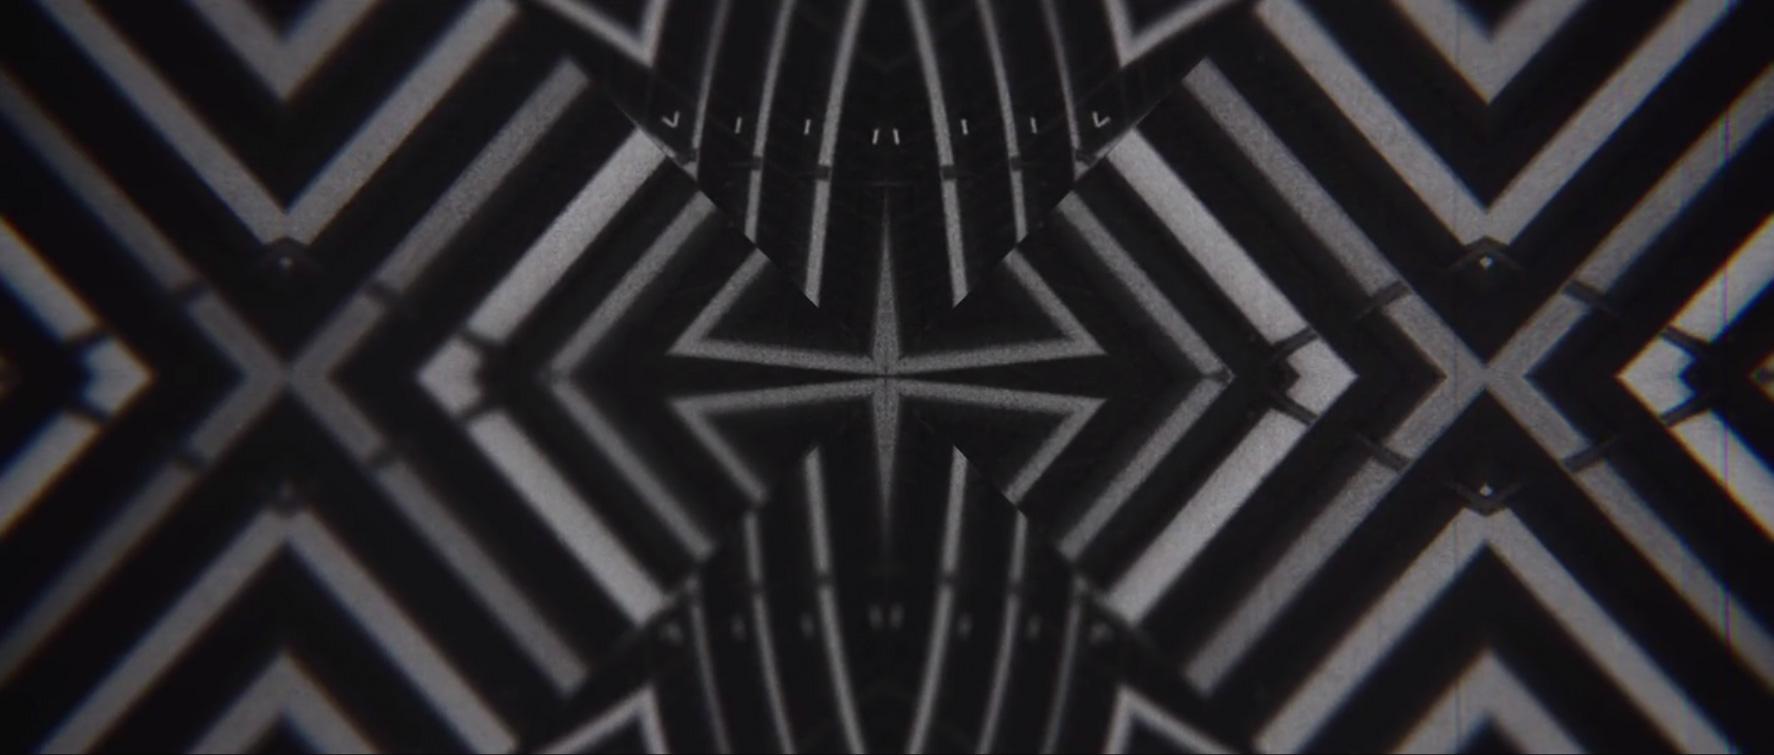 Construct (Titles) / Oxyde Noir (5)